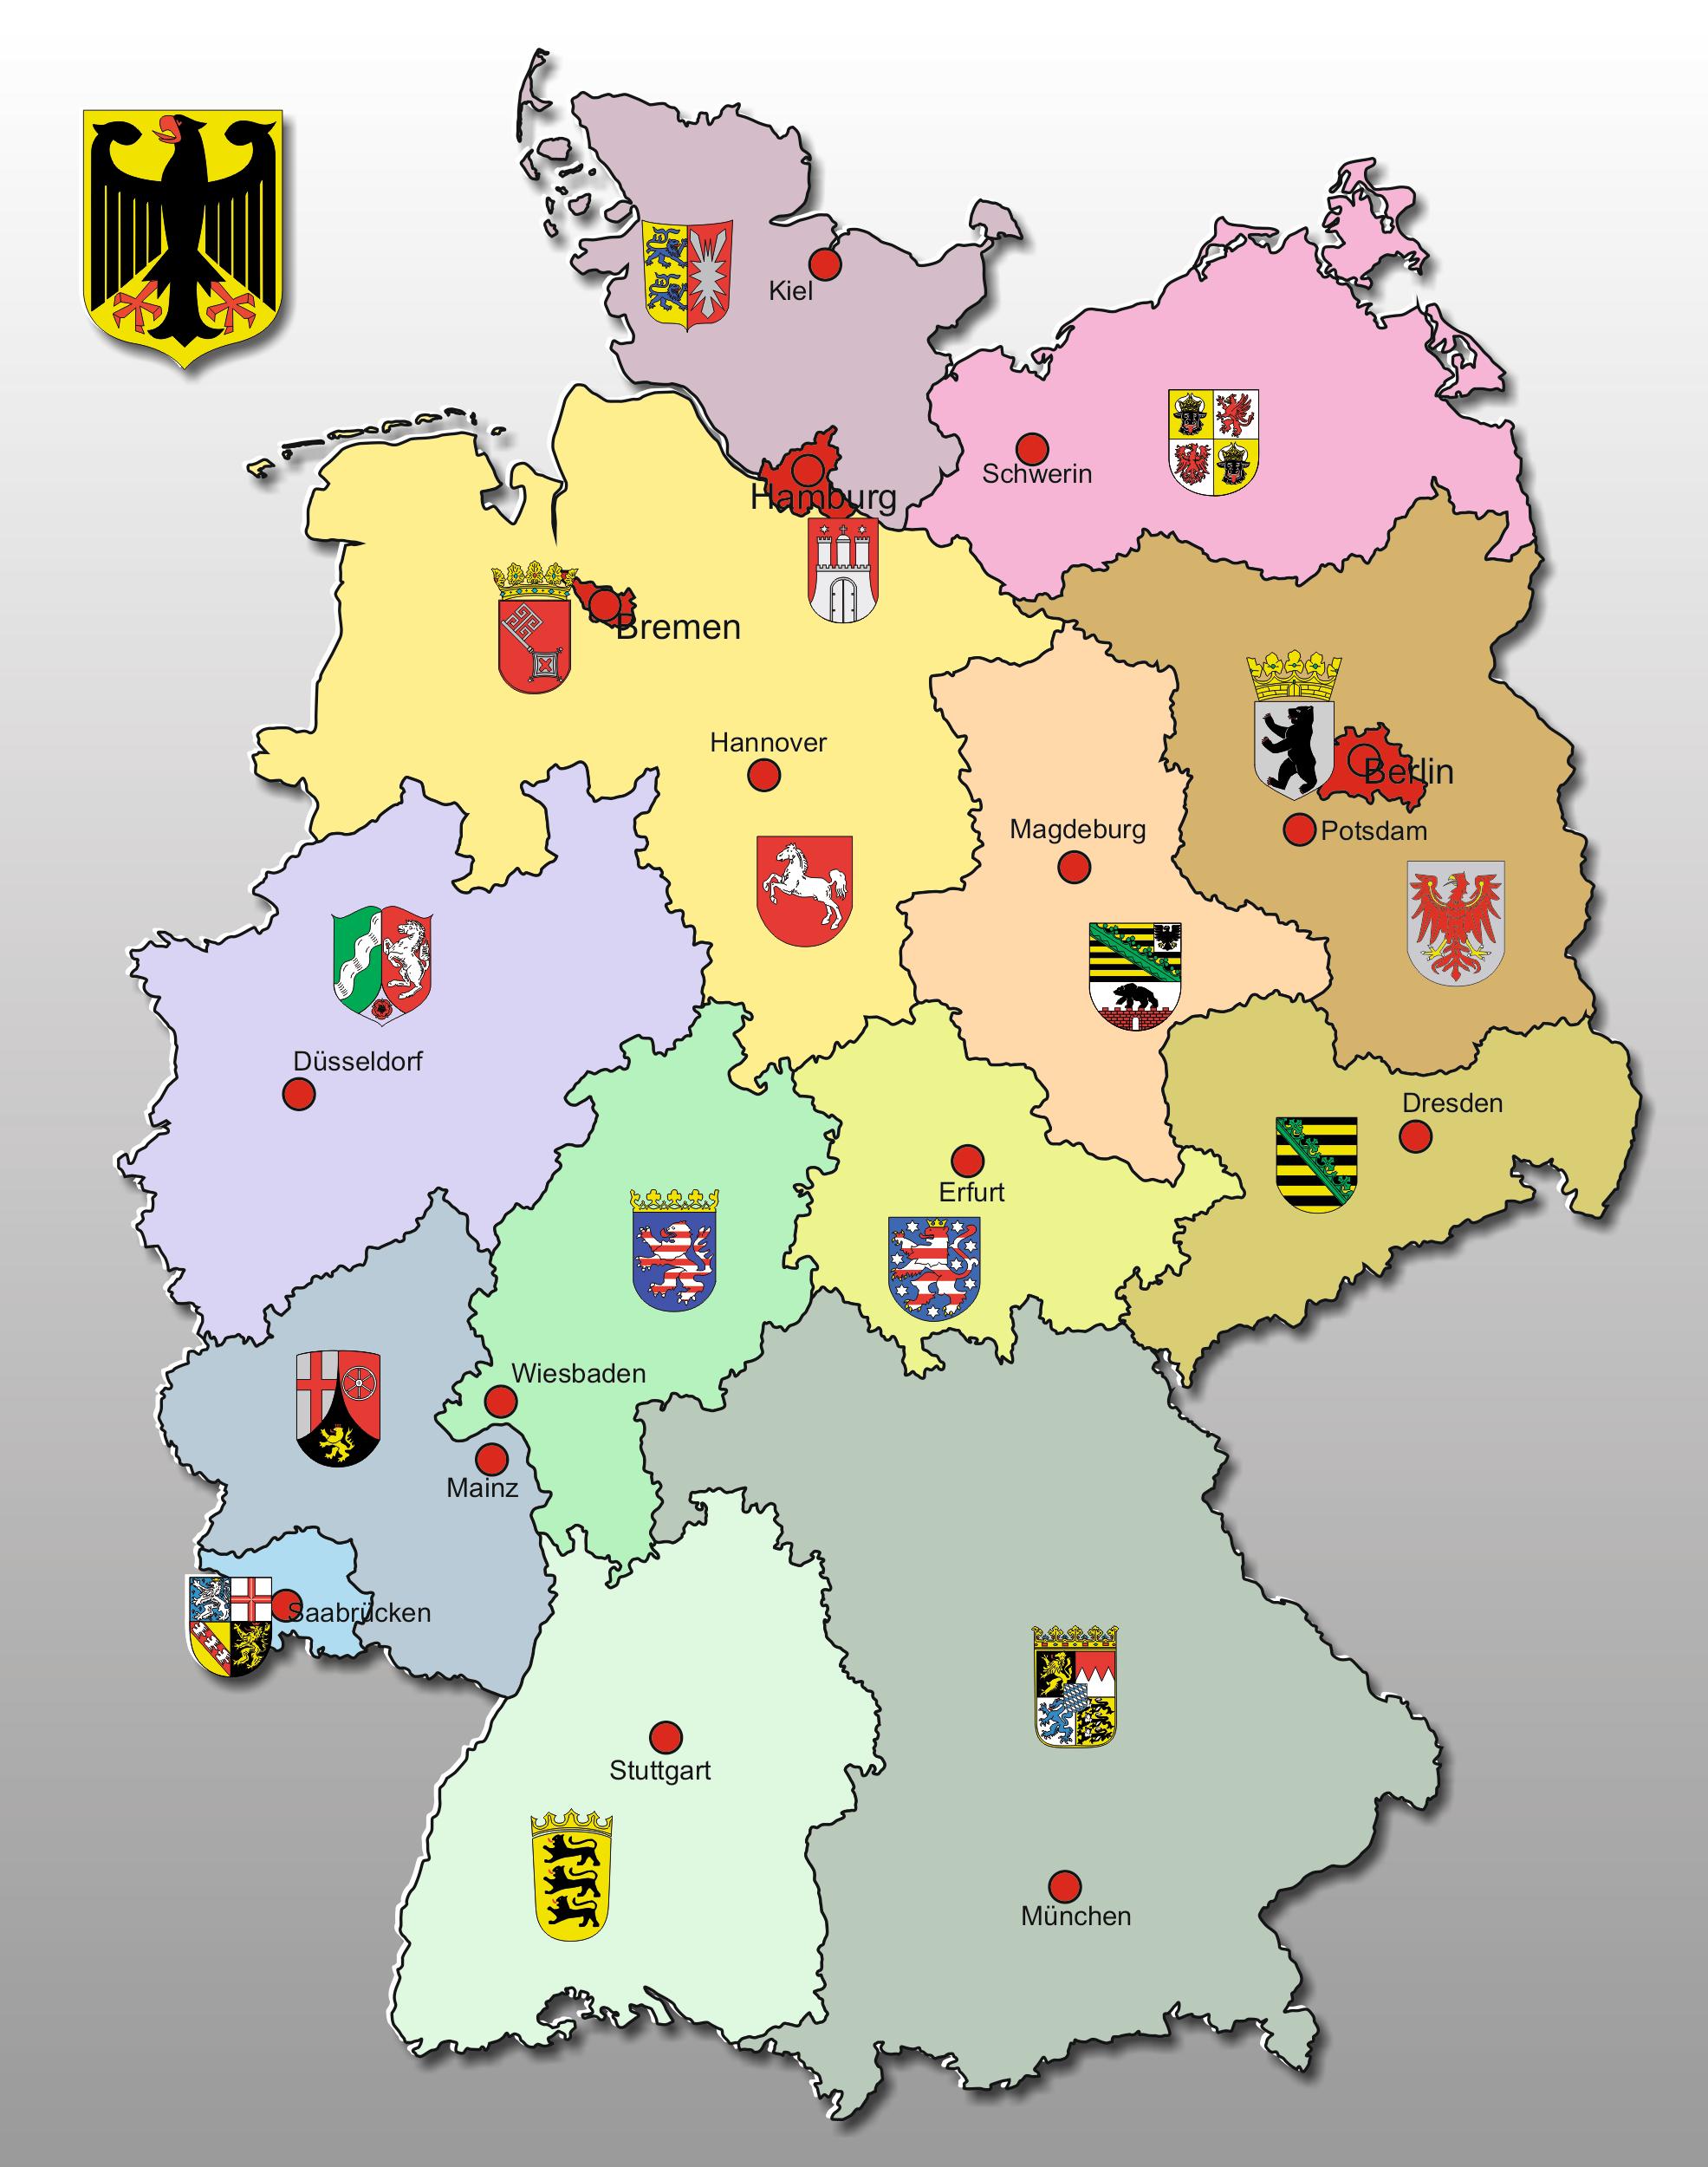 Große Deutschland Karte - deutschlandkarte - Bundesrepublik Deutschland Bundesländer Karte